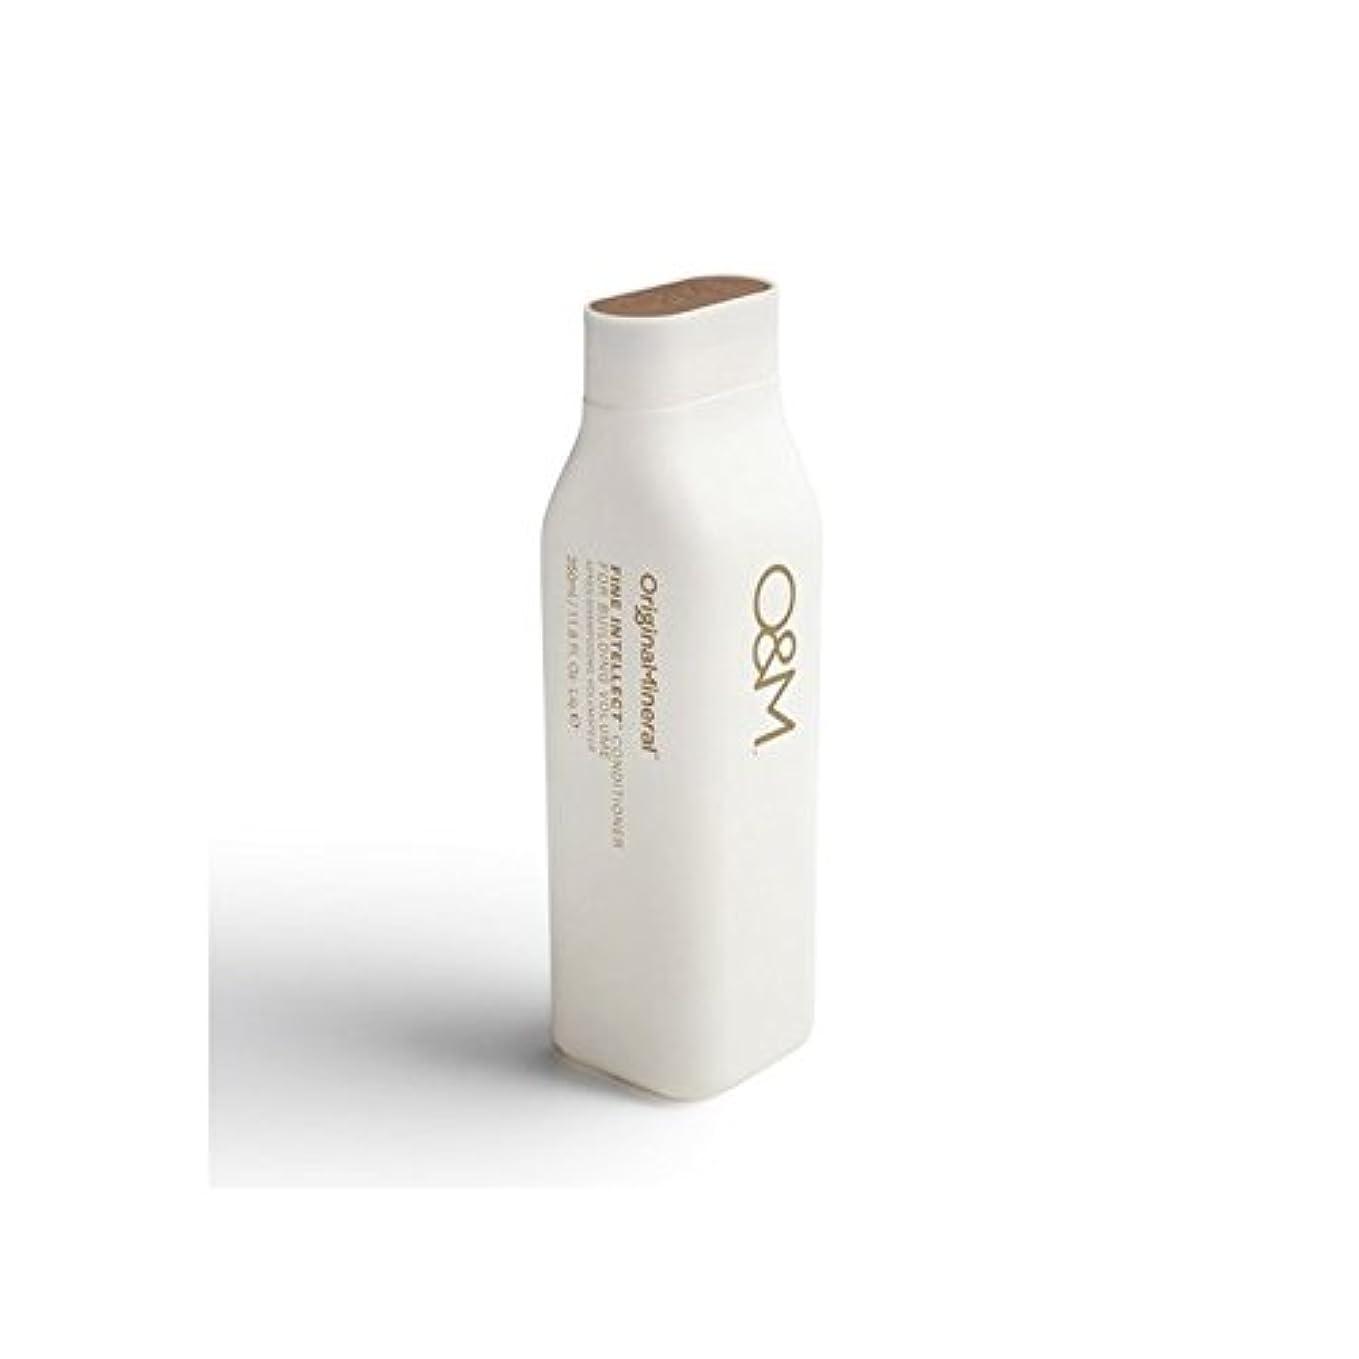 アダルトプラグに負けるオリジナル&ミネラル細かい知性コンディショナー(350ミリリットル) x4 - Original & Mineral Fine Intellect Conditioner (350ml) (Pack of 4) [並行輸入品]